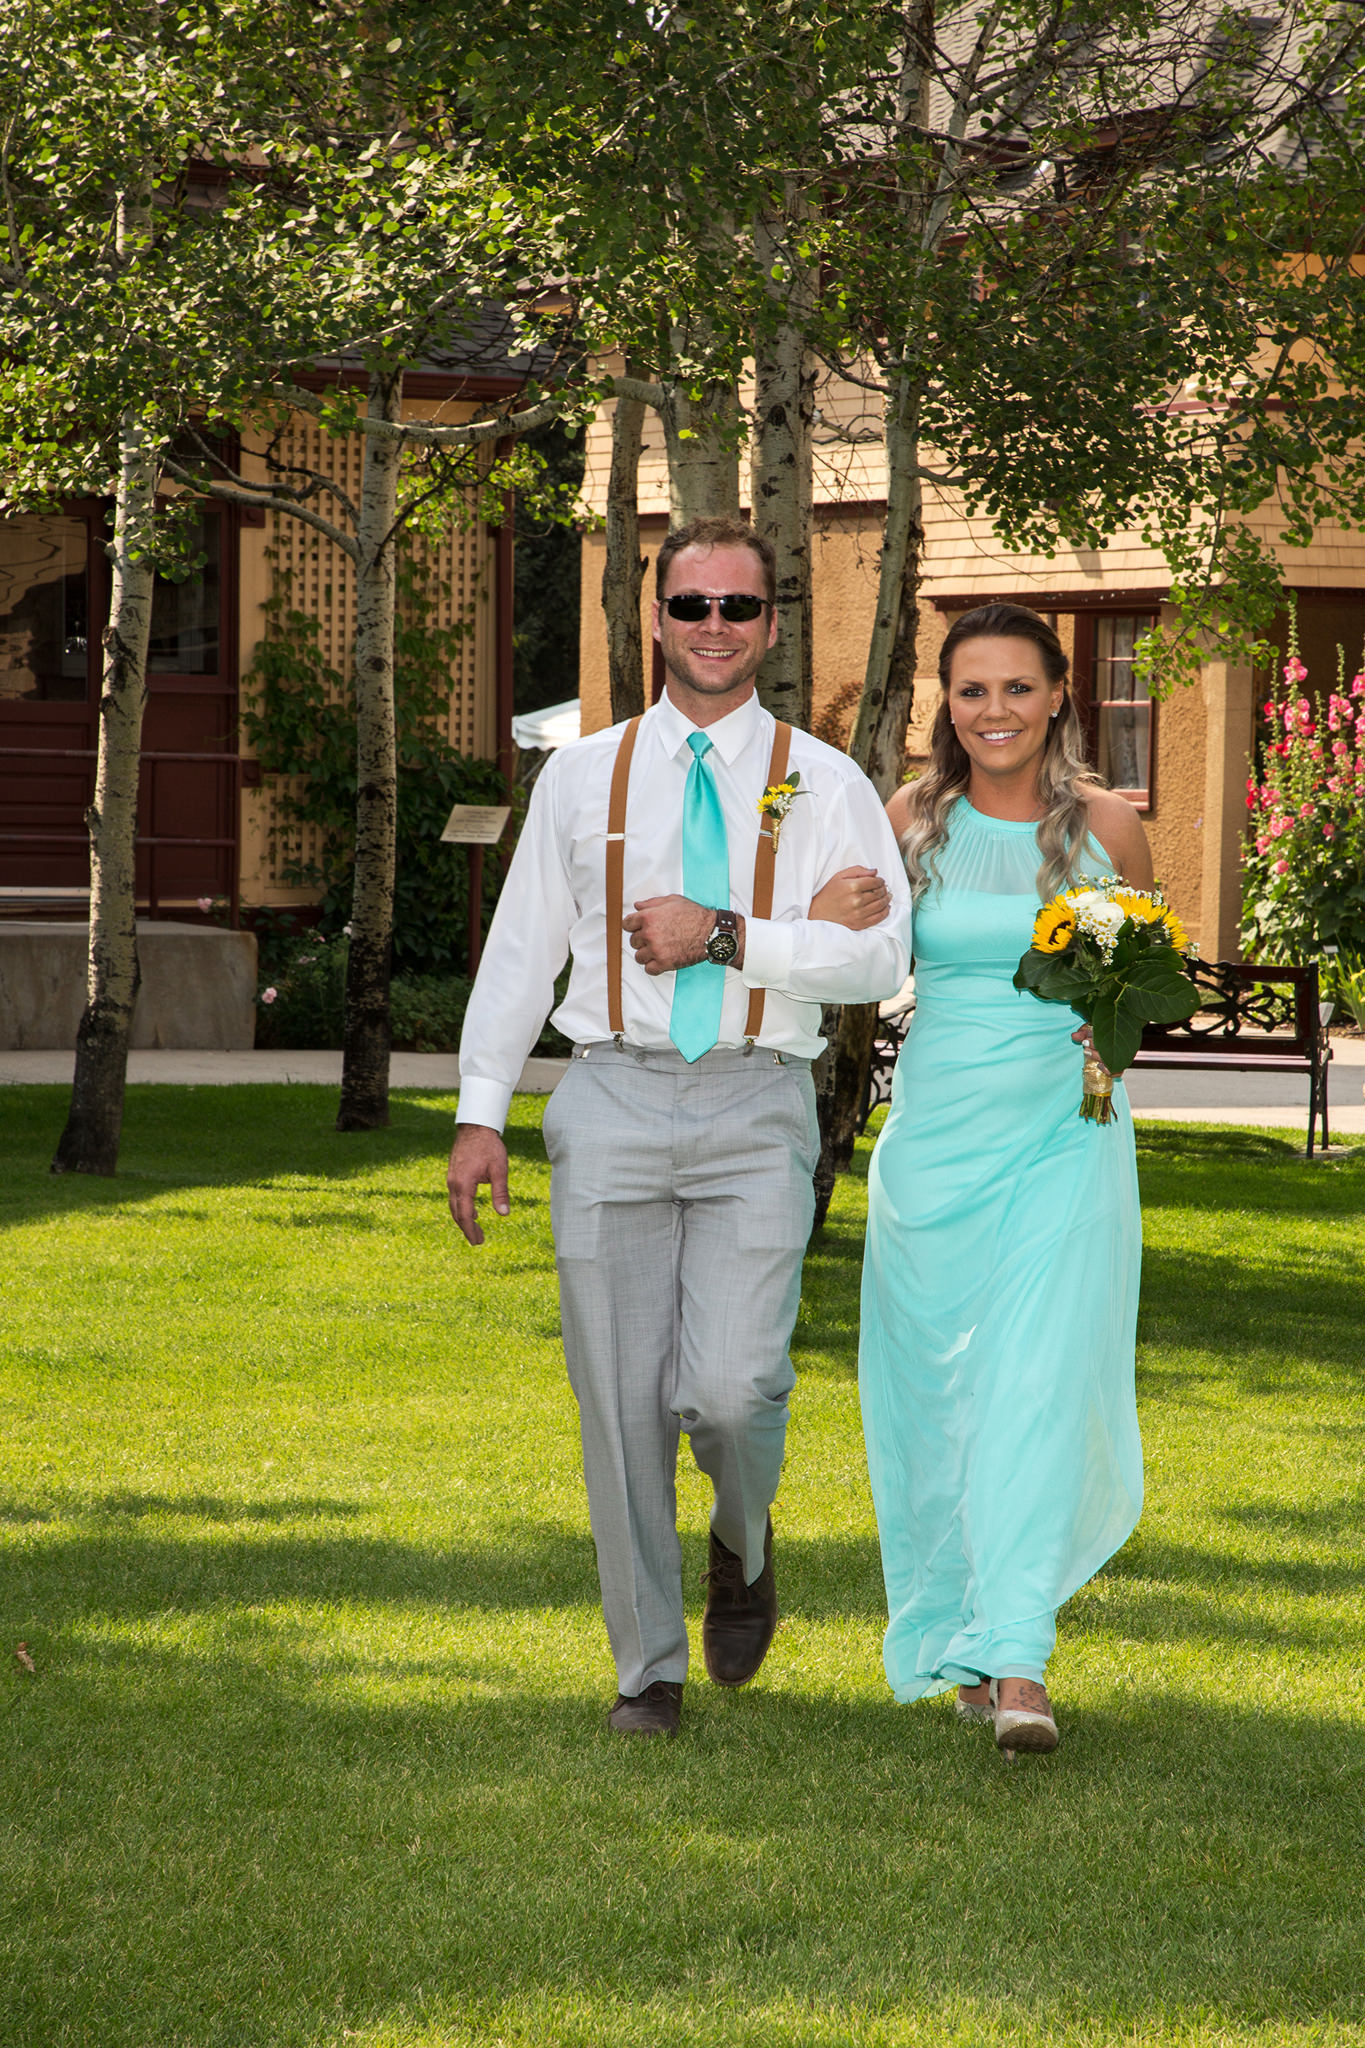 marchese_wedding_425 copy